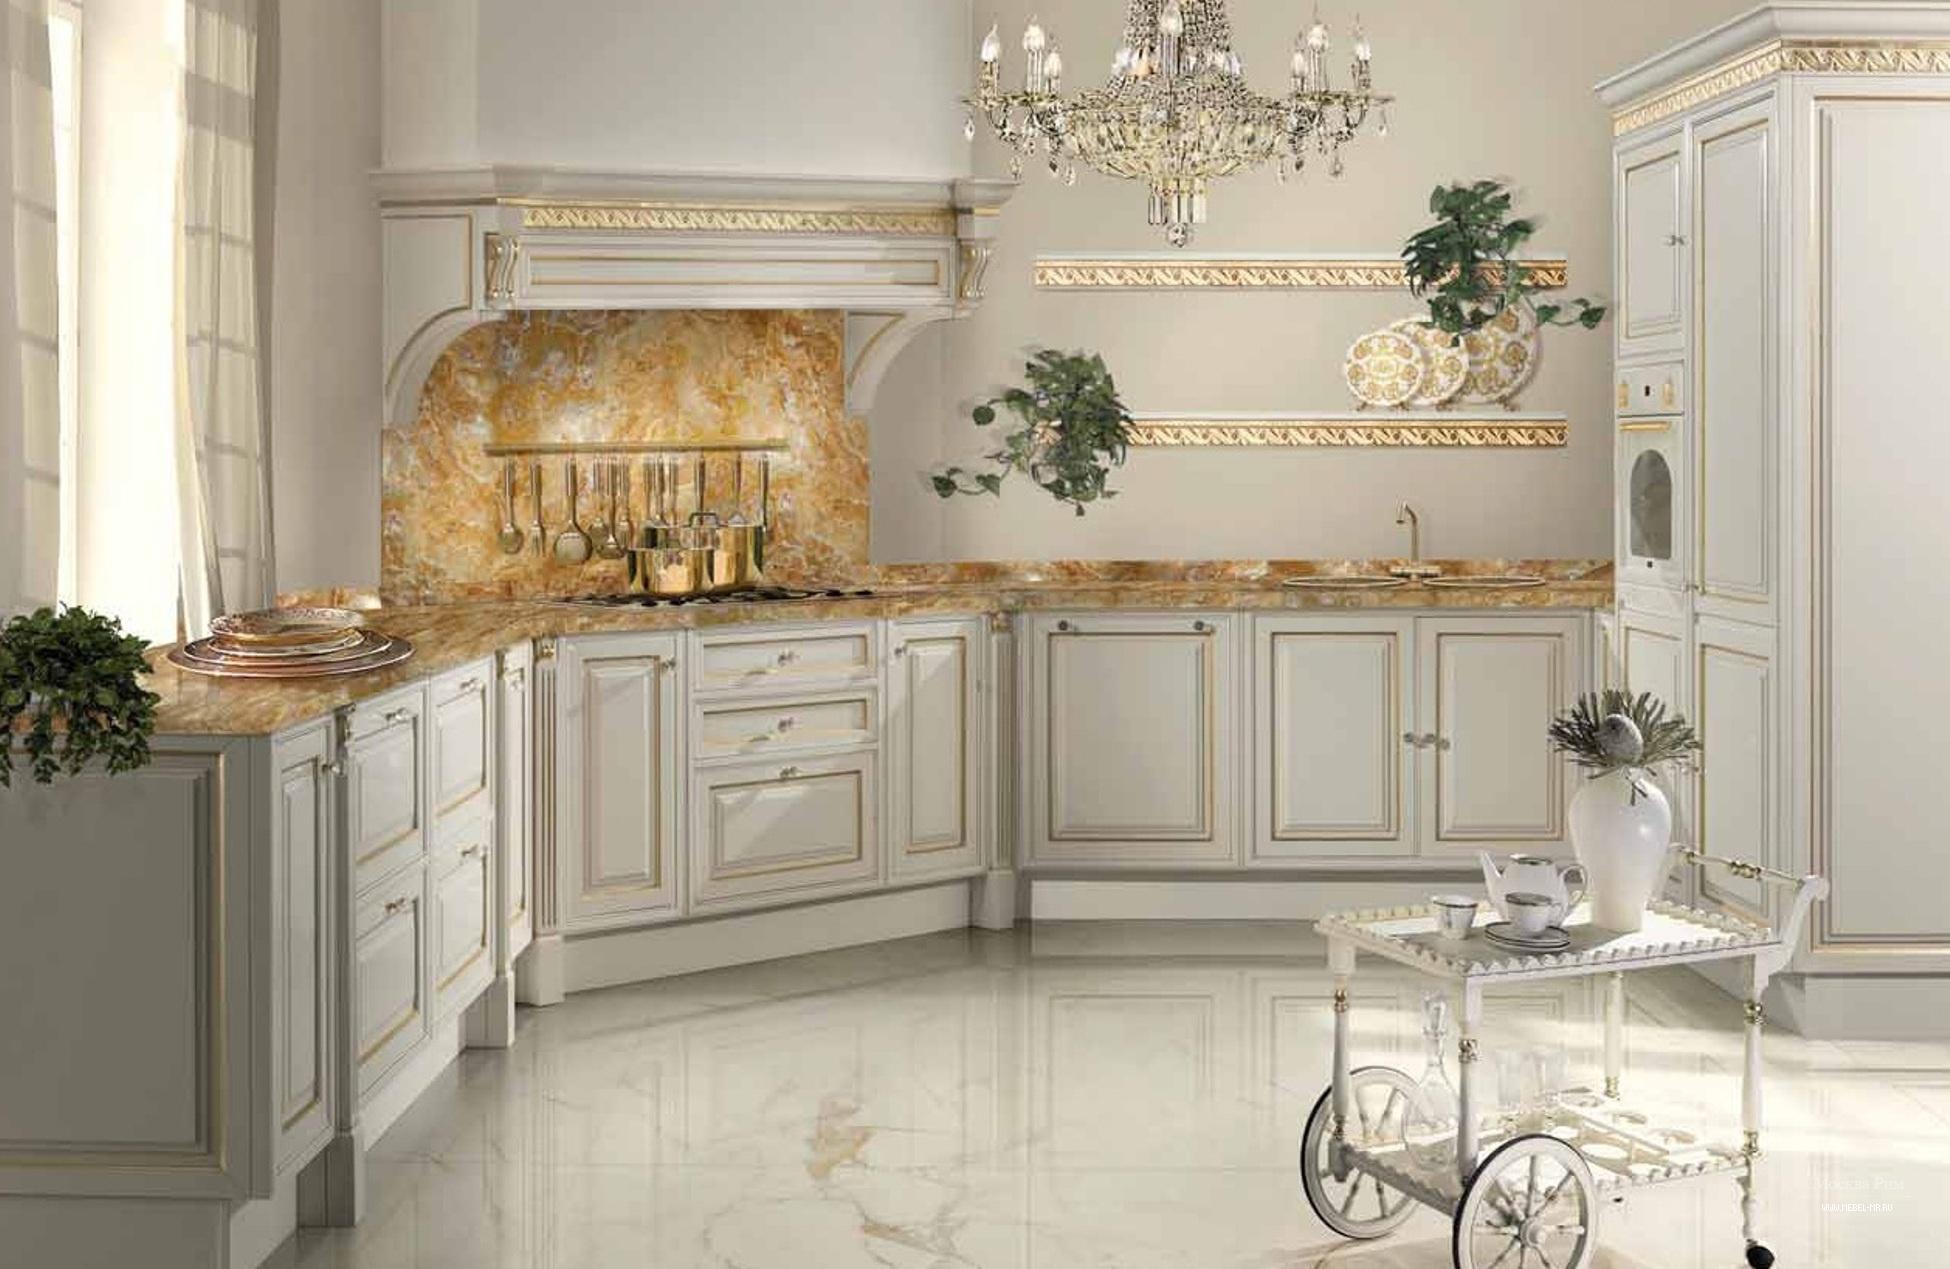 Белый кухонный гаритур из клена